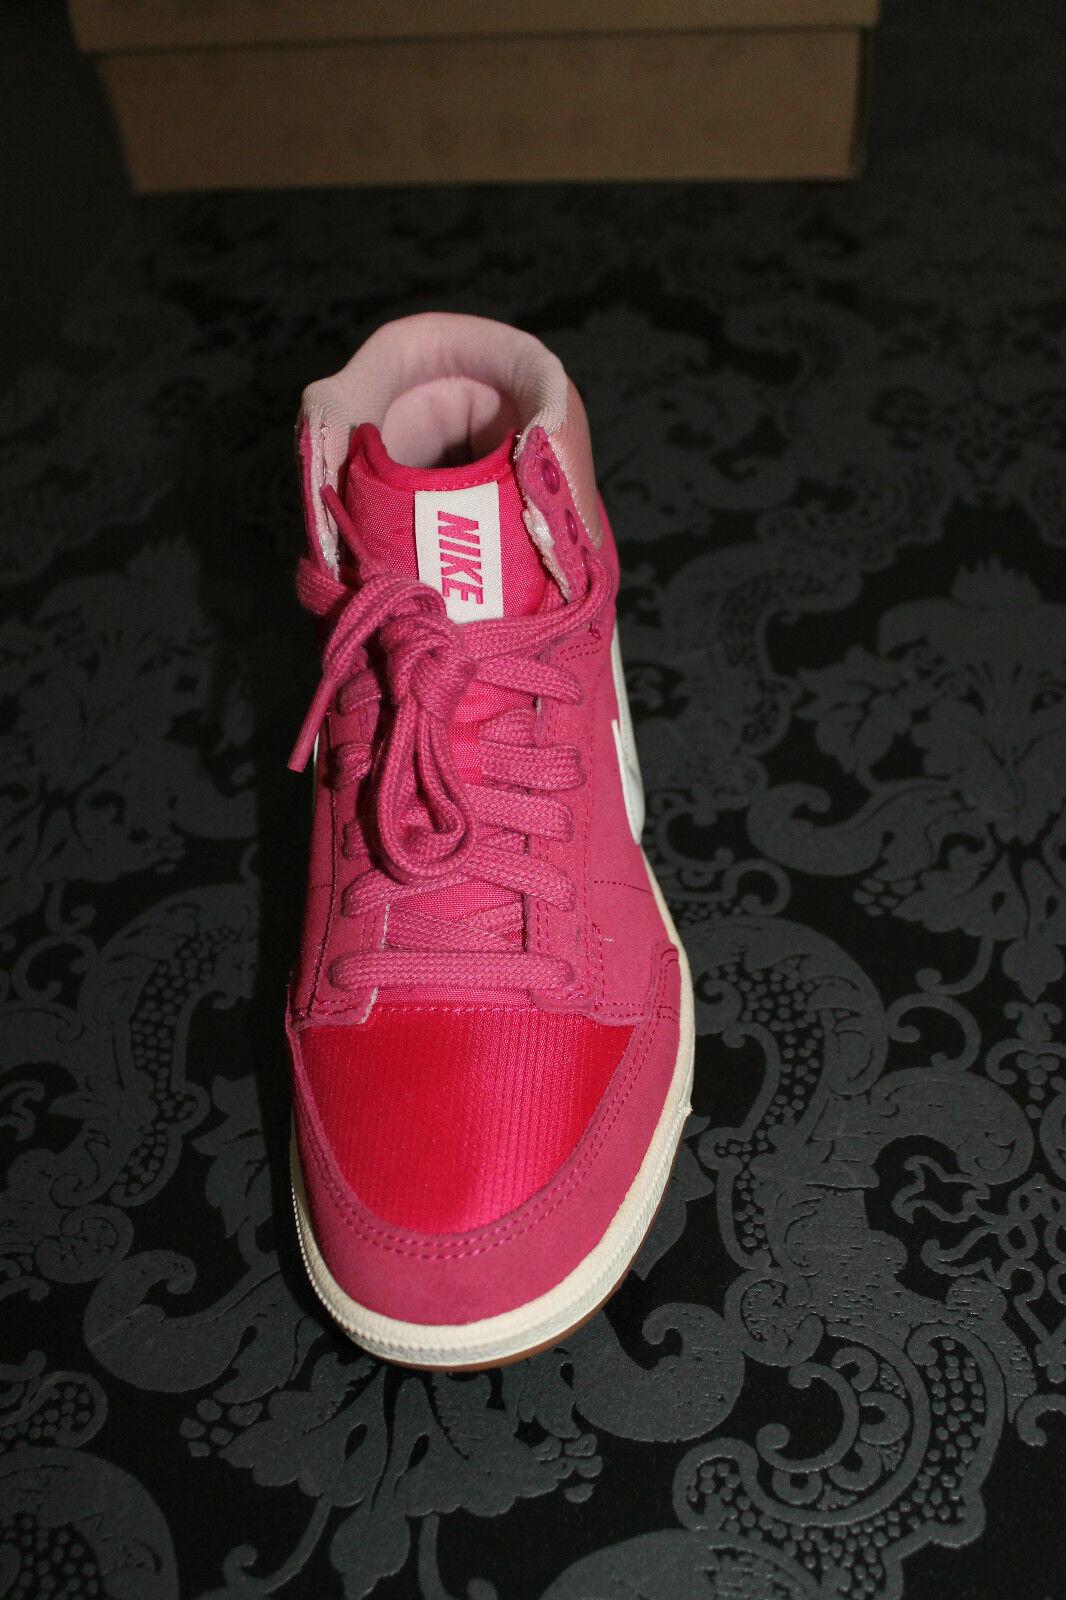 NIKE DOUBLE DOUBLE DOUBLE TEAM Donna Lifestyle Sneaker Rosa Bianco Taglia 38,5 o 40 NUOVO | Prima i consumatori  | Ricca consegna puntuale  | Colore Brillantezza  | Sig/Sig Ra Scarpa  bd48c8